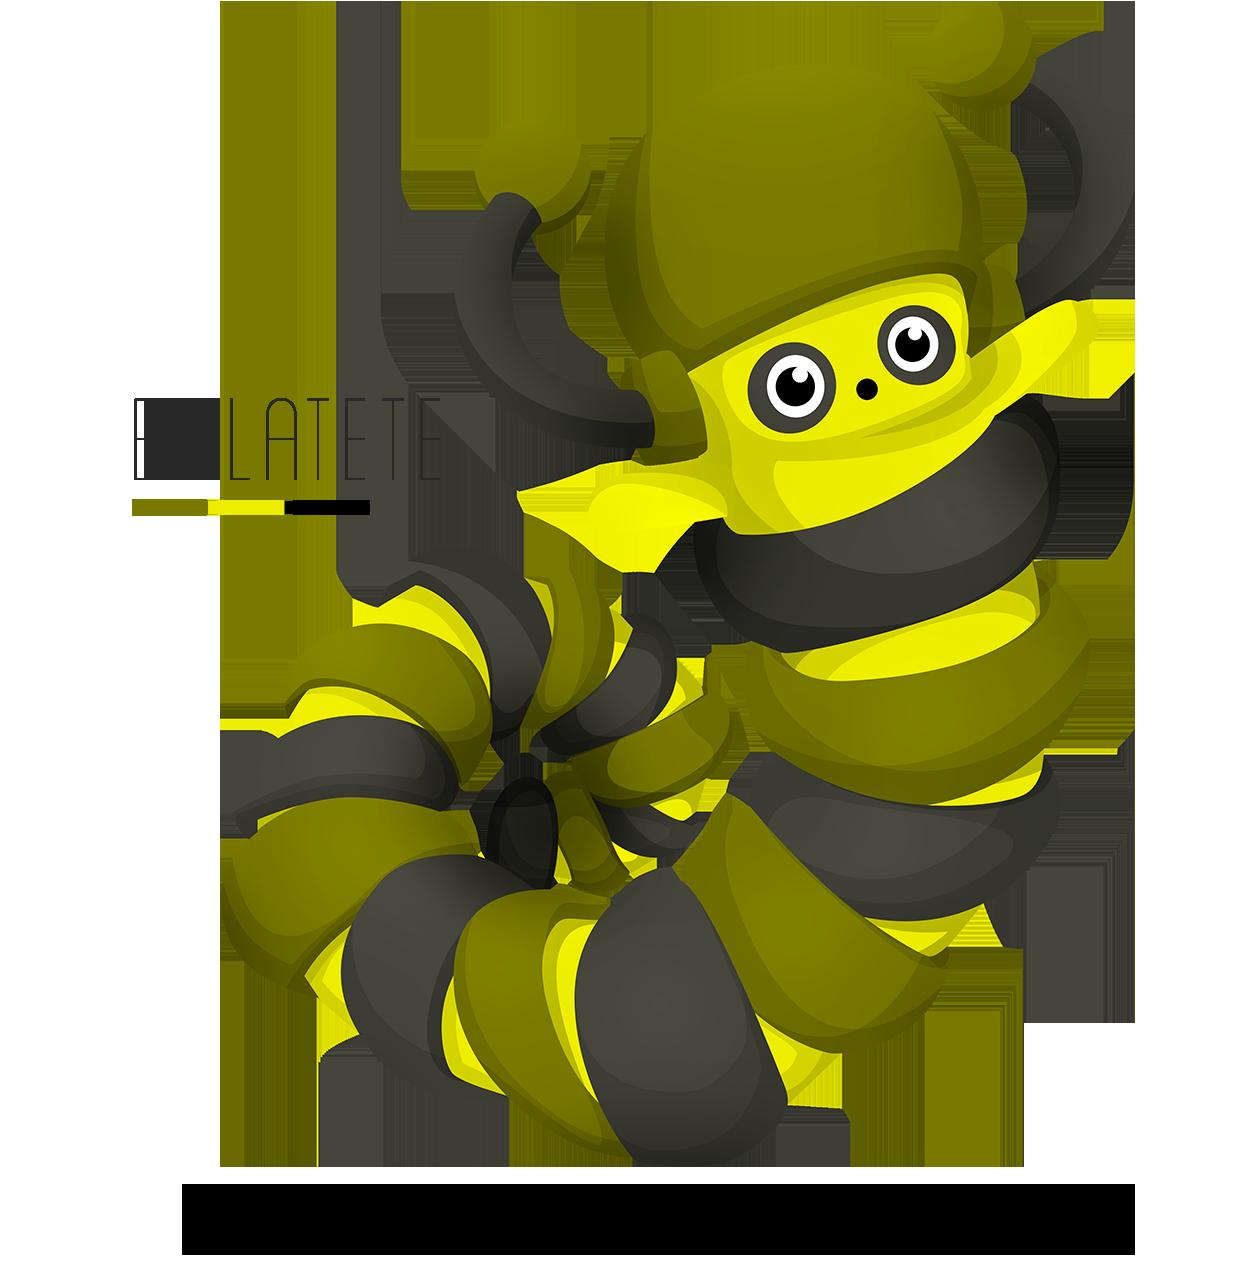 Bulatete